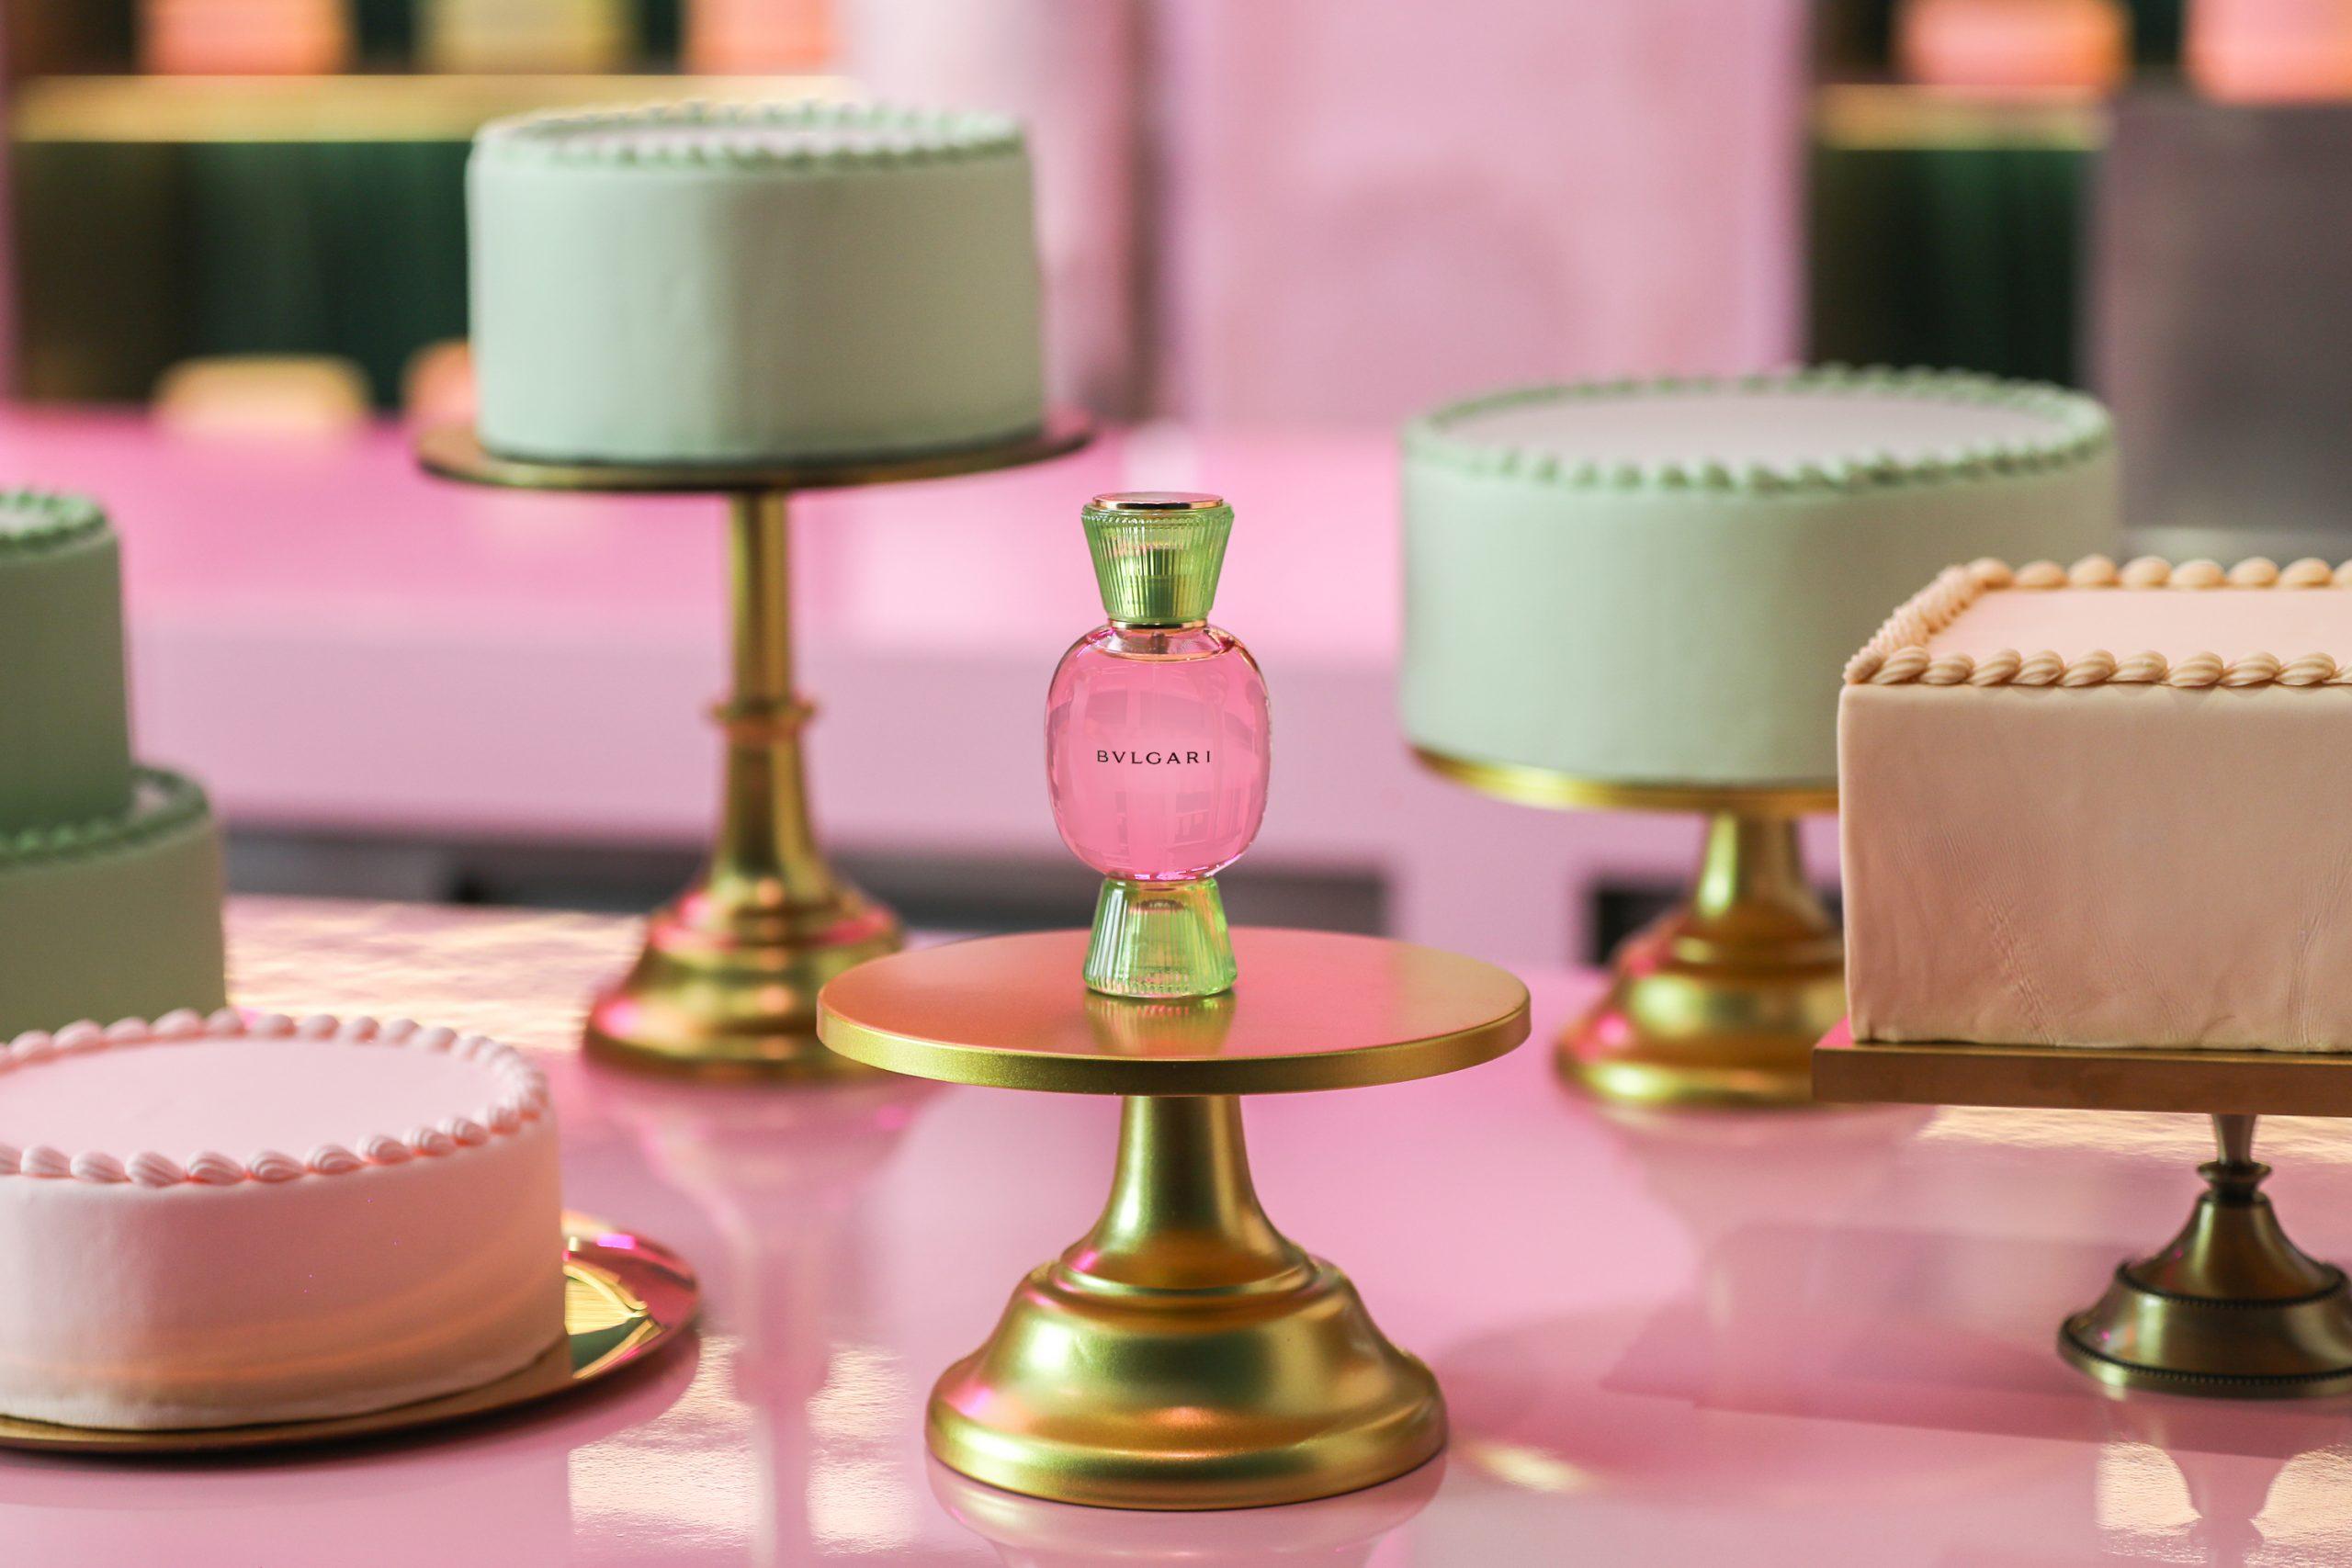 《【摩鑫网上平台】透过宝格丽,看珠宝品牌如何做香氛?》